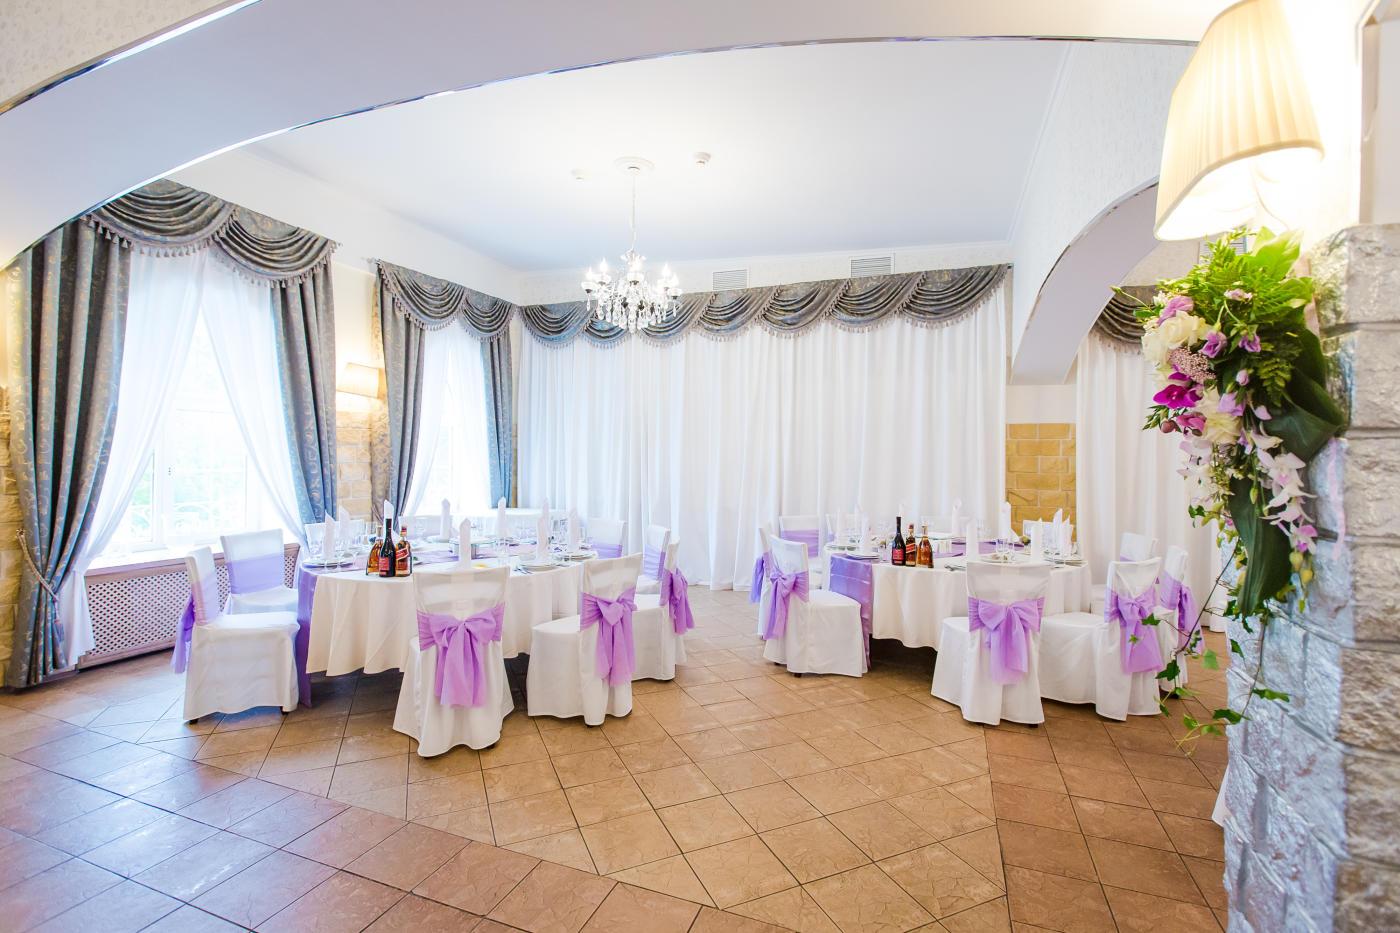 Кавказский Ресторан Вера Парк (ВераПарк) фото 39